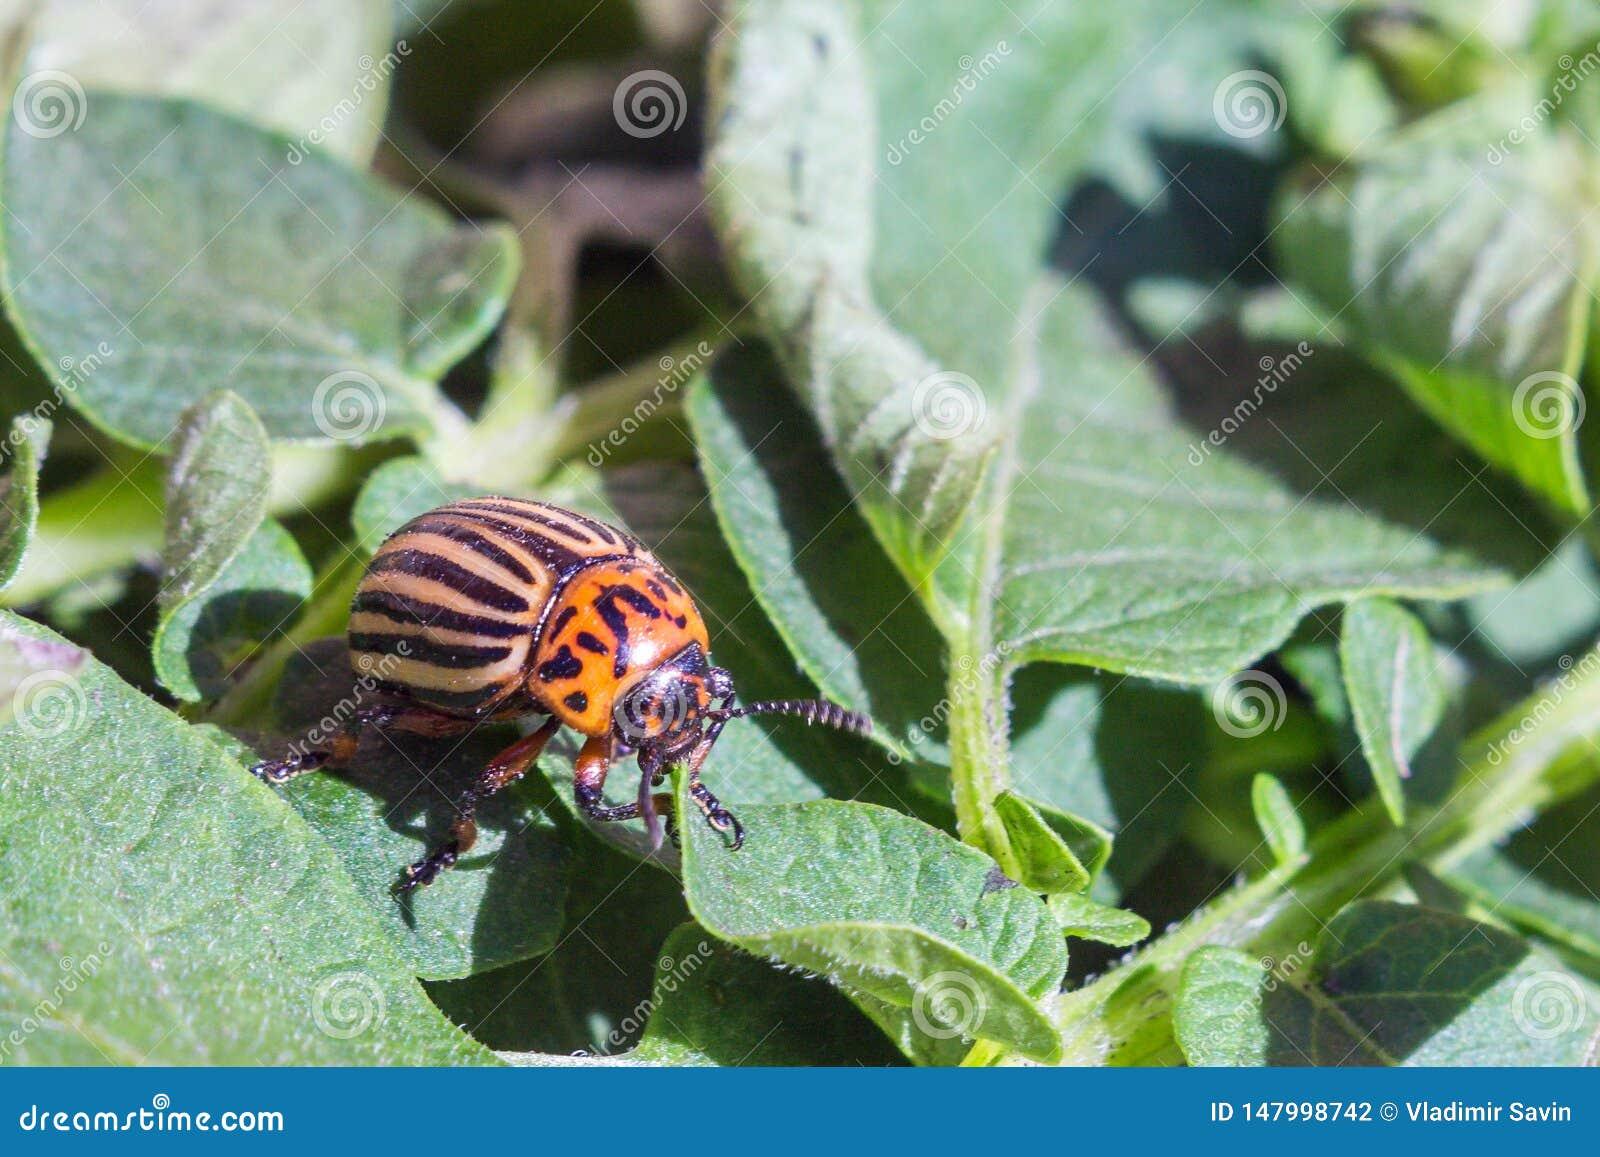 在土豆和绿色叶子爬行并且吃他们镶边科罗拉多薯虫的图象的关闭